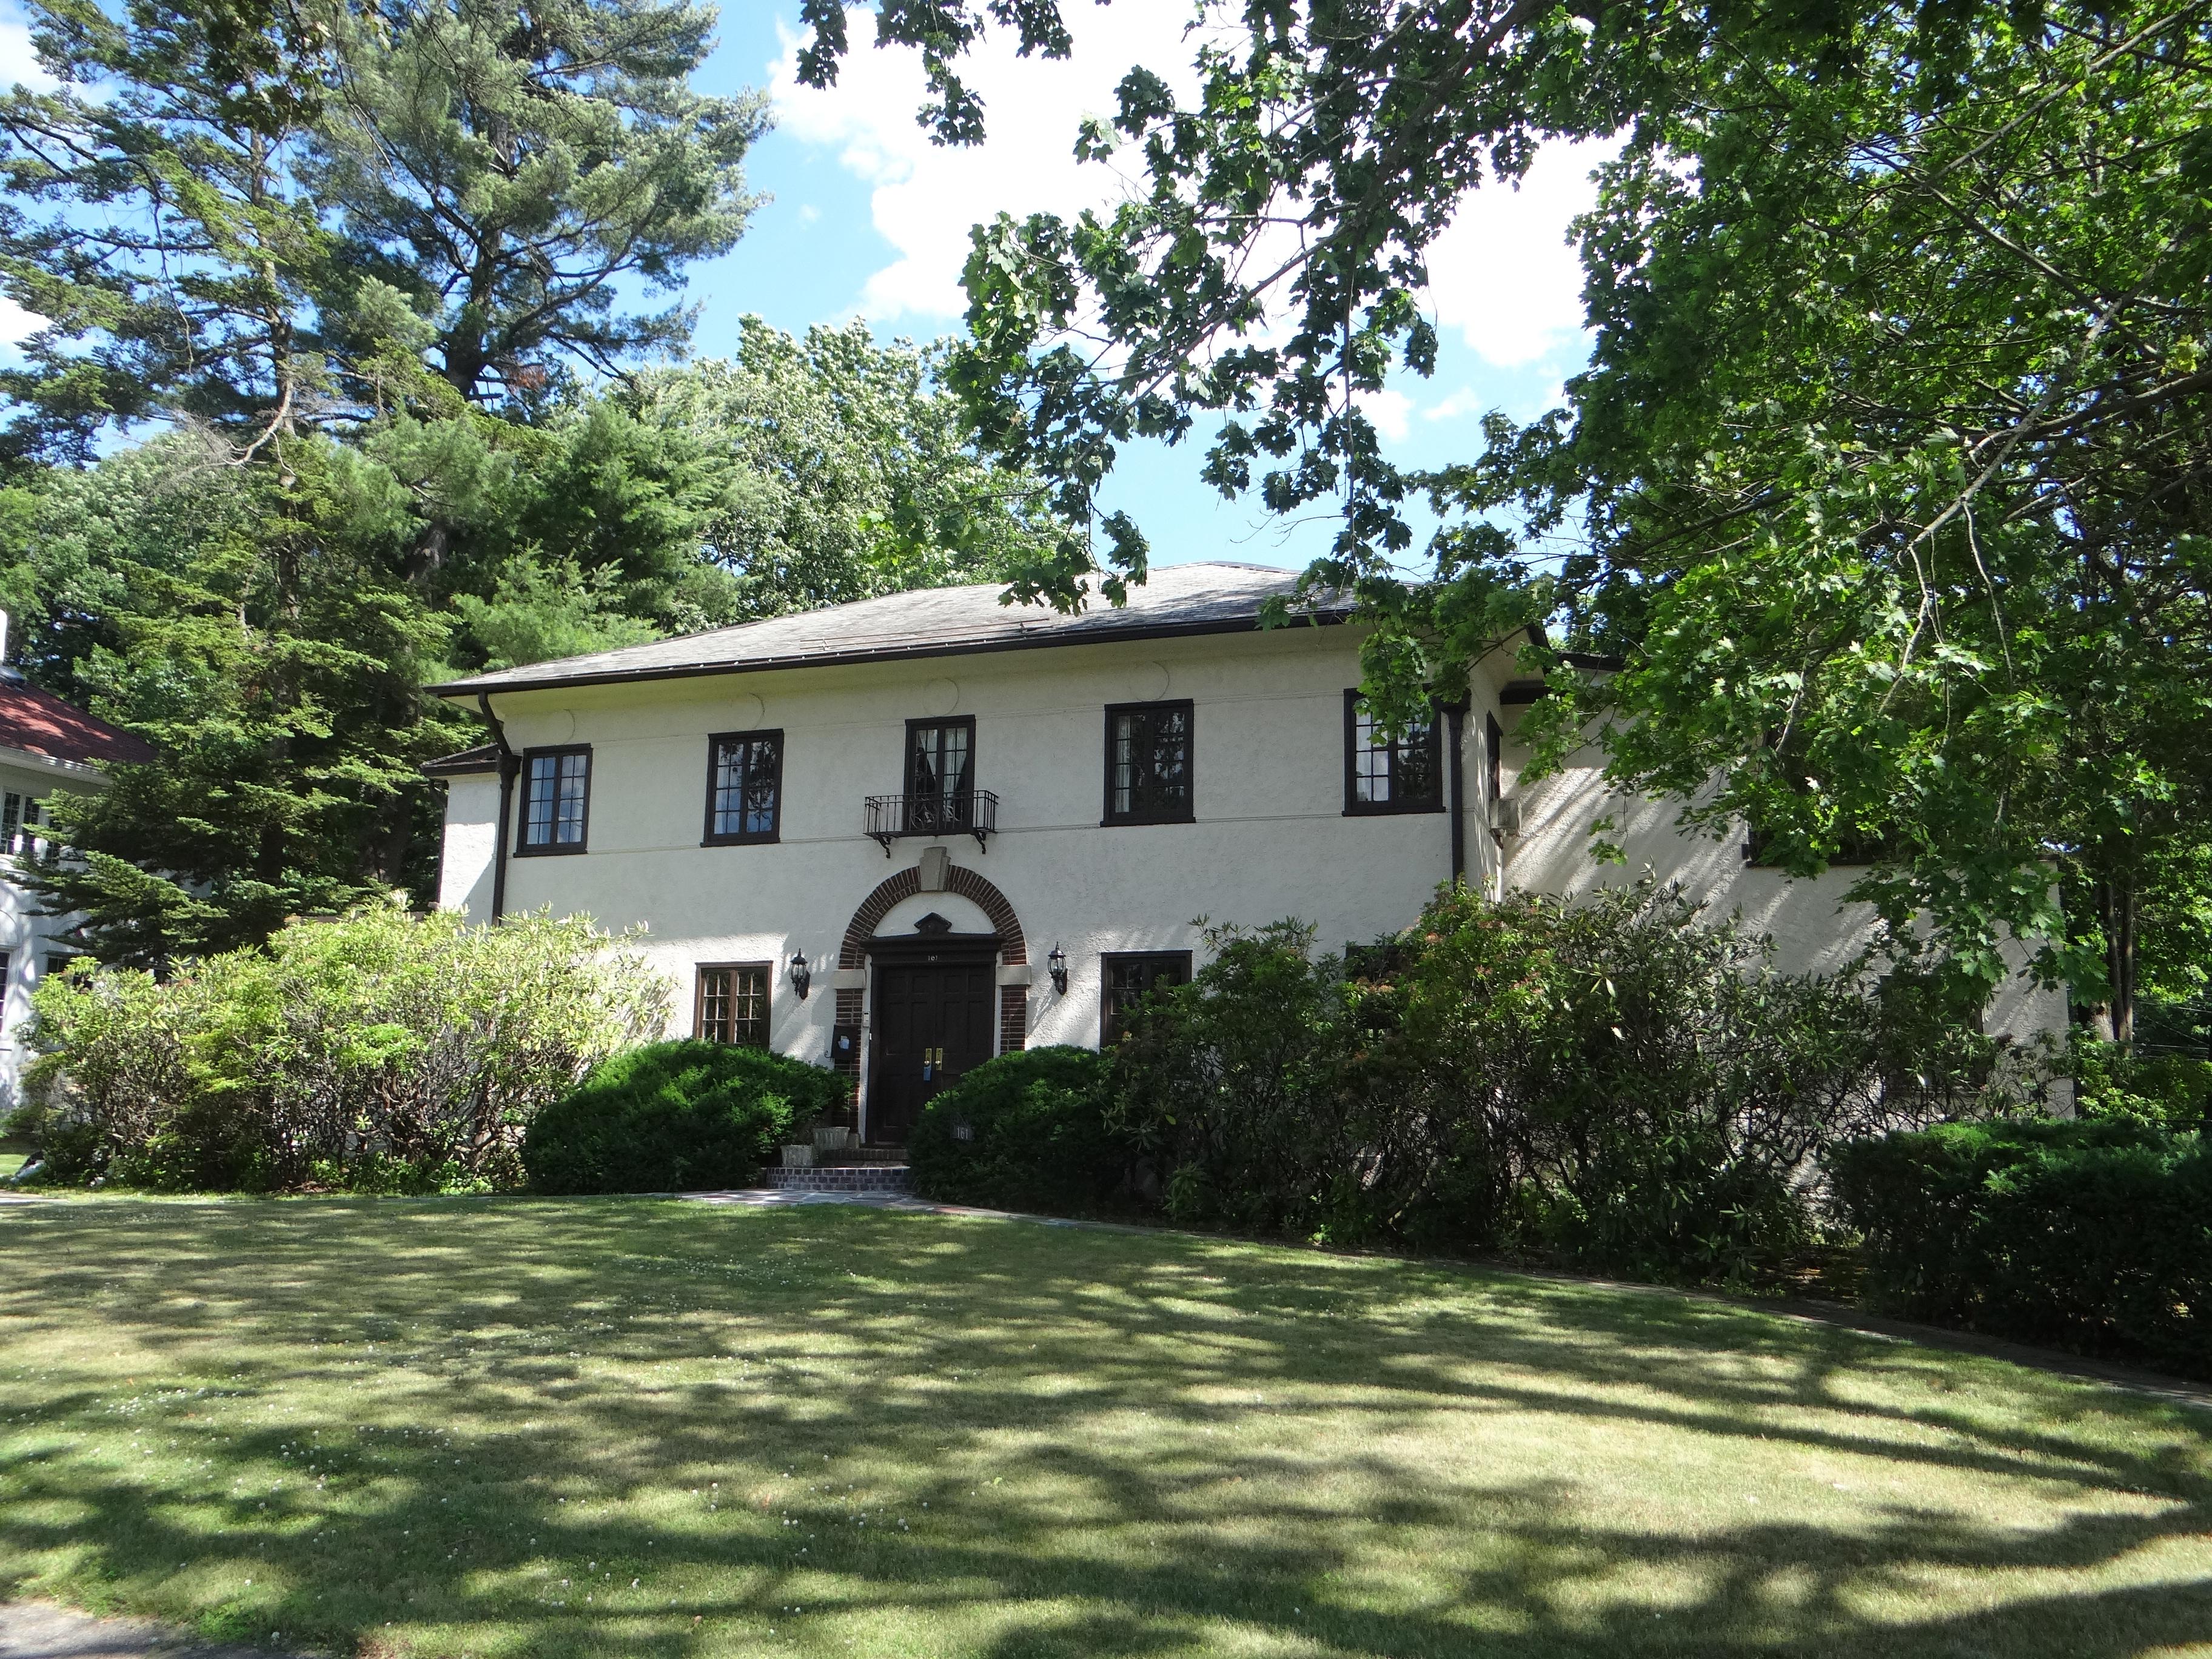 独户住宅 为 销售 在 Mediterranean Charm With Pool 161 Forest Avenue 新罗谢尔, 纽约州 10804 美国